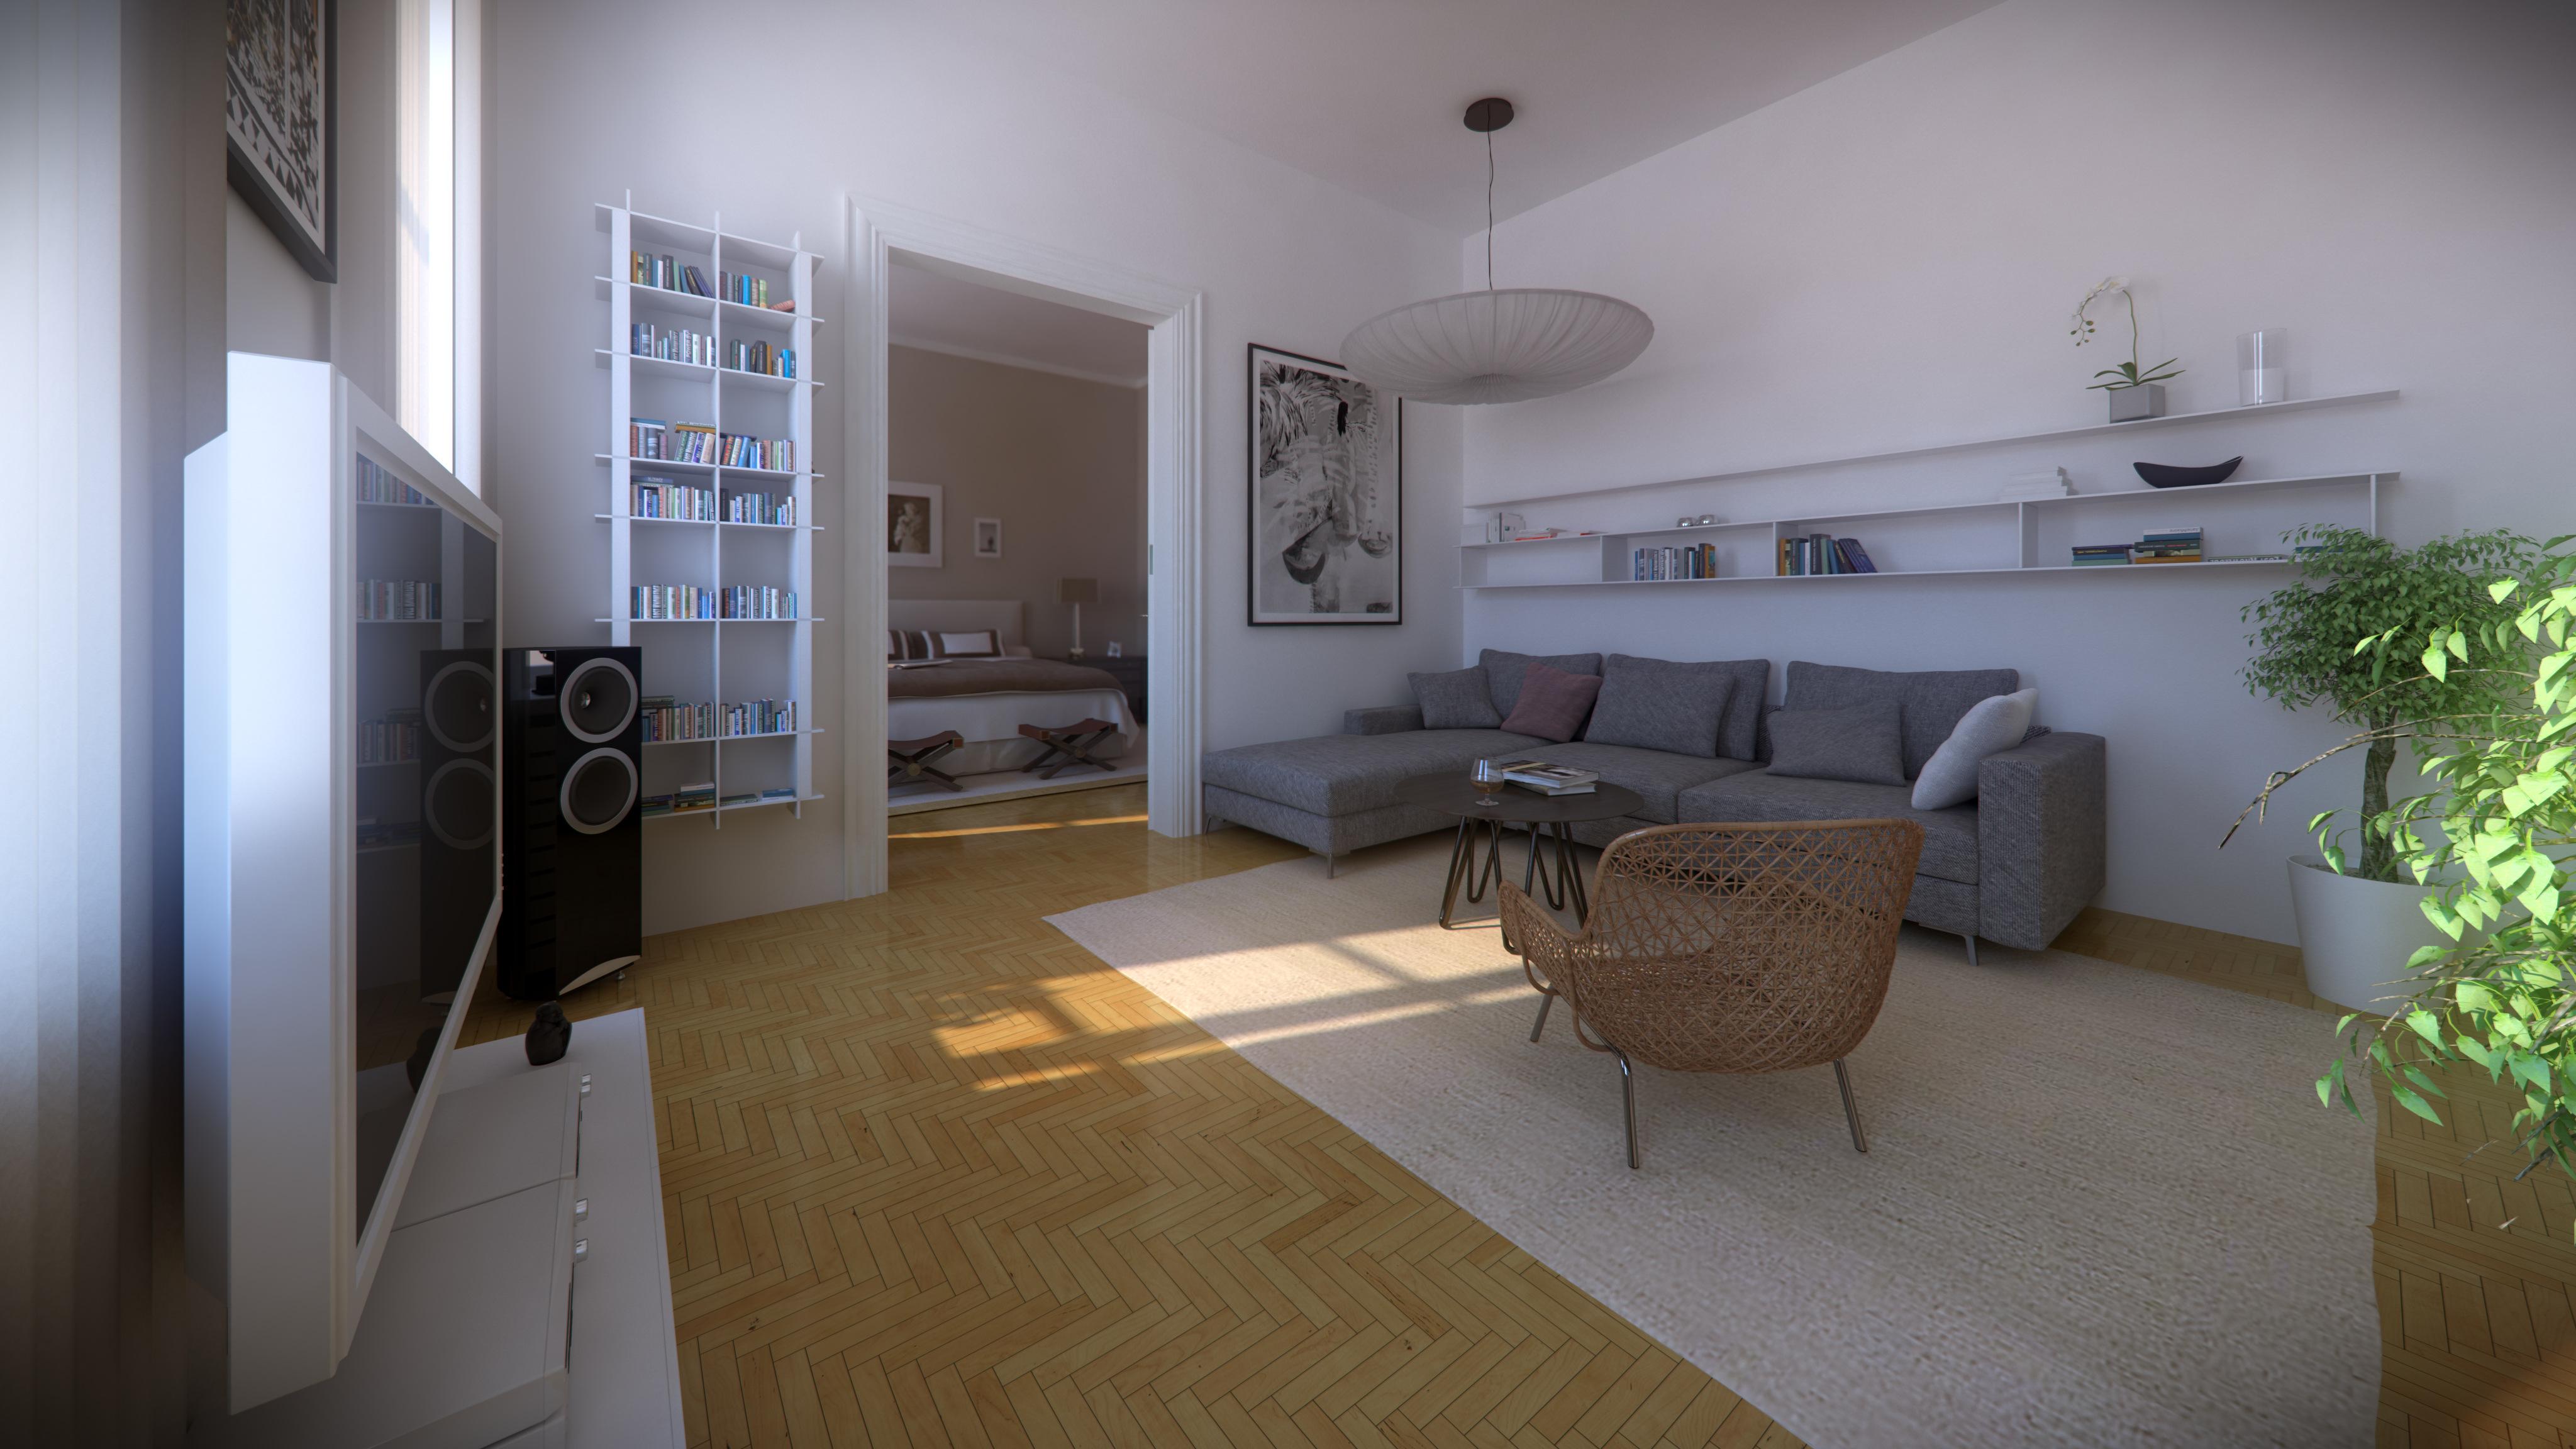 Architektur Rendering Wohnzimmer Altbau